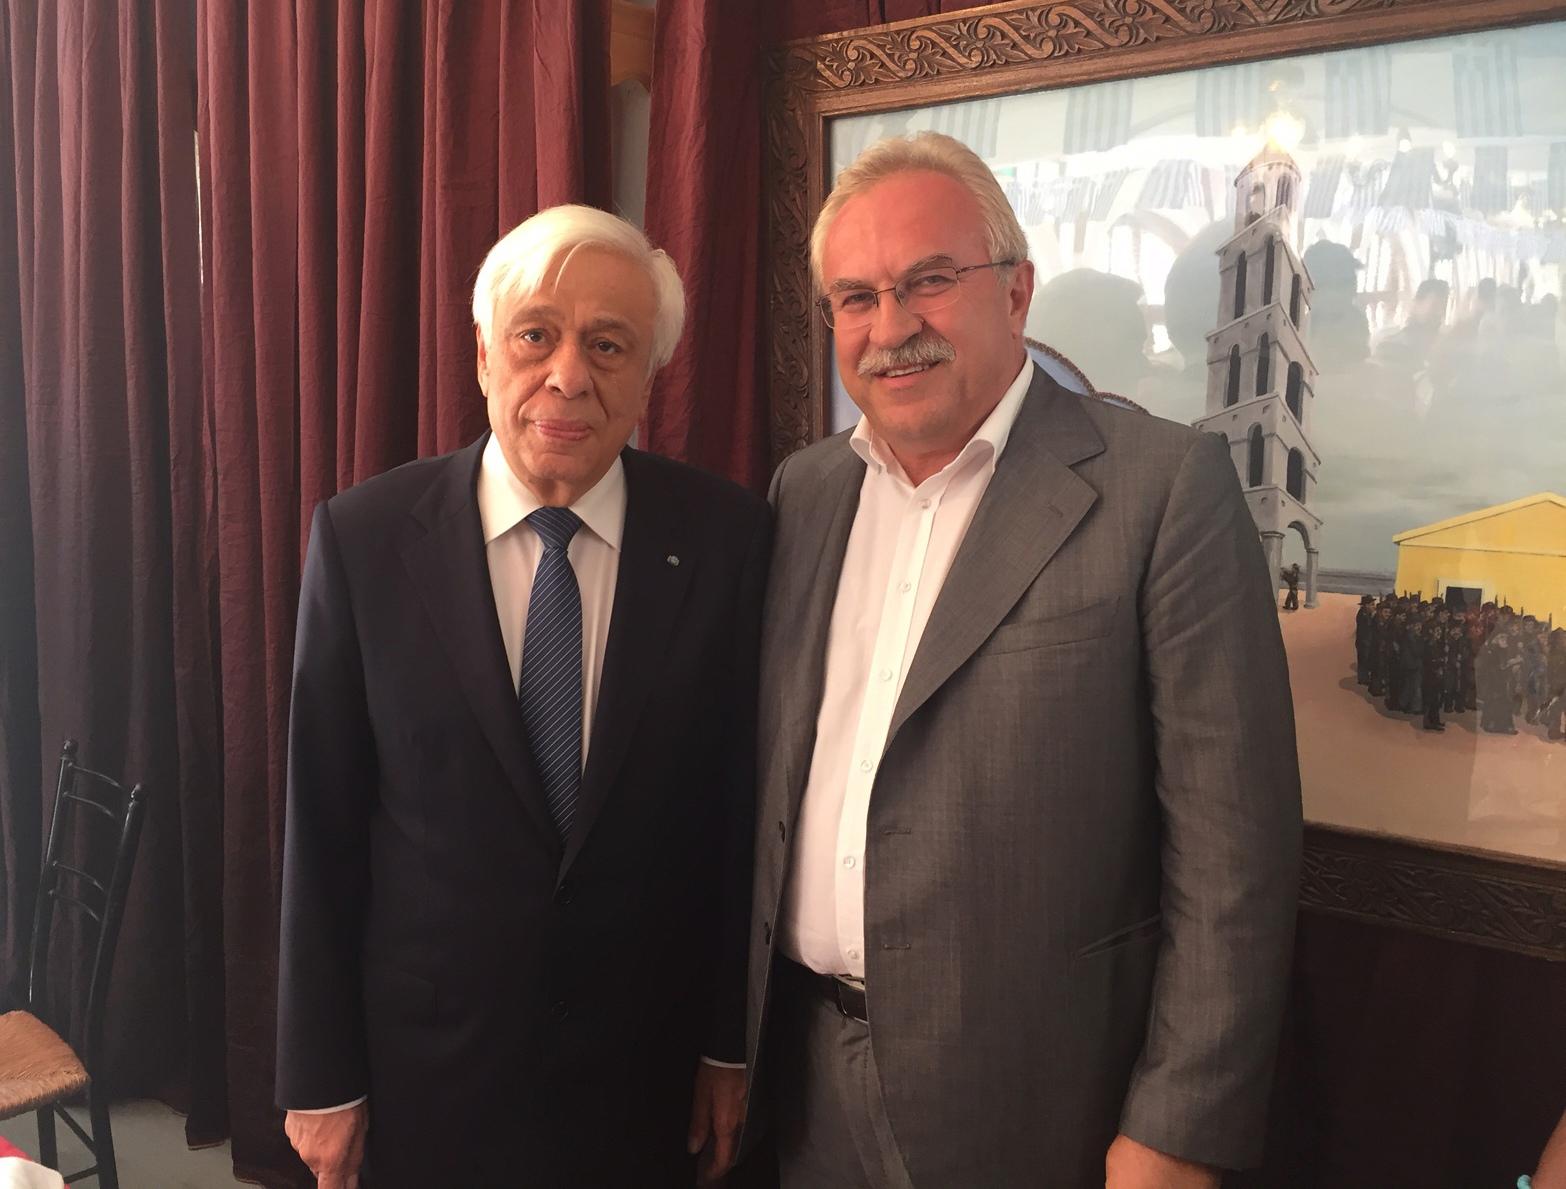 Ο Πρόεδρος της Δημοκρατίας Προκόπης Παυλόπουλος και ο βουλευτής Δωδεκανήσου ΣΥΡΙΖΑ Δημήτρης Γάκης κατά την επίσκεψή τους στην Κάρπαθο, στο πλαίσιο των εκδηλώσεων του εορτασμού για την 72η επέτειο του απελευθερωτικού κινήματος της Καρπάθου, Τετάρτη 5 Οκτωβρίου 2016.